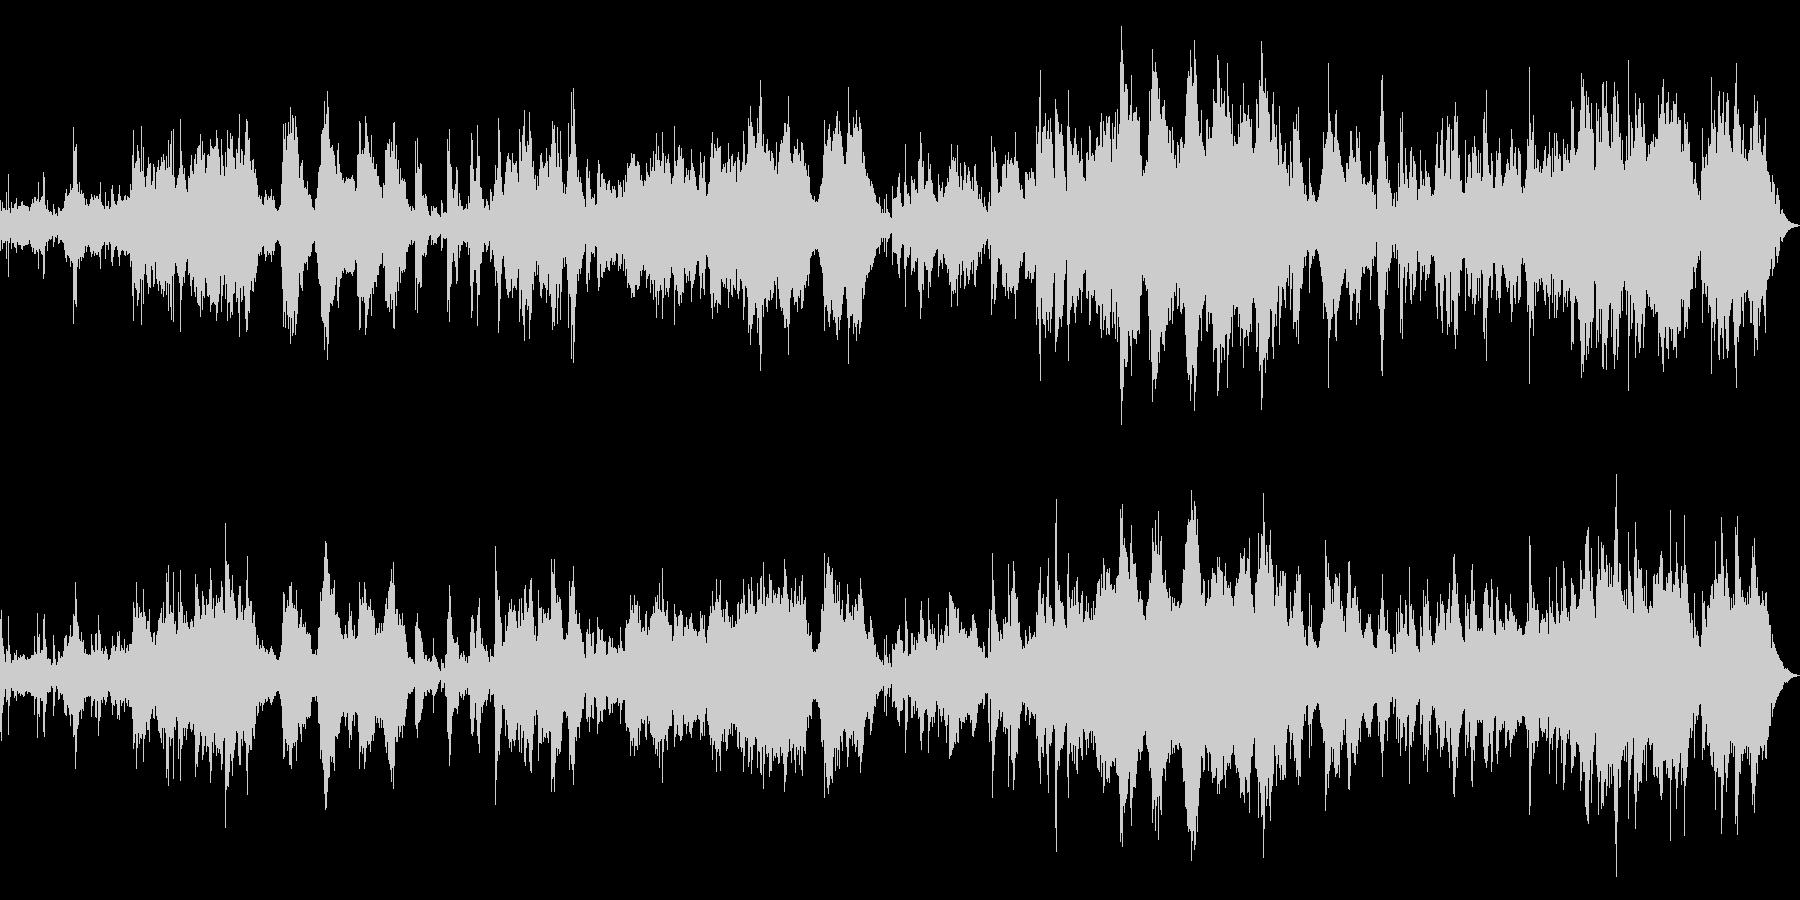 ピアノ、パッド中心の癒し系アンビエントの未再生の波形